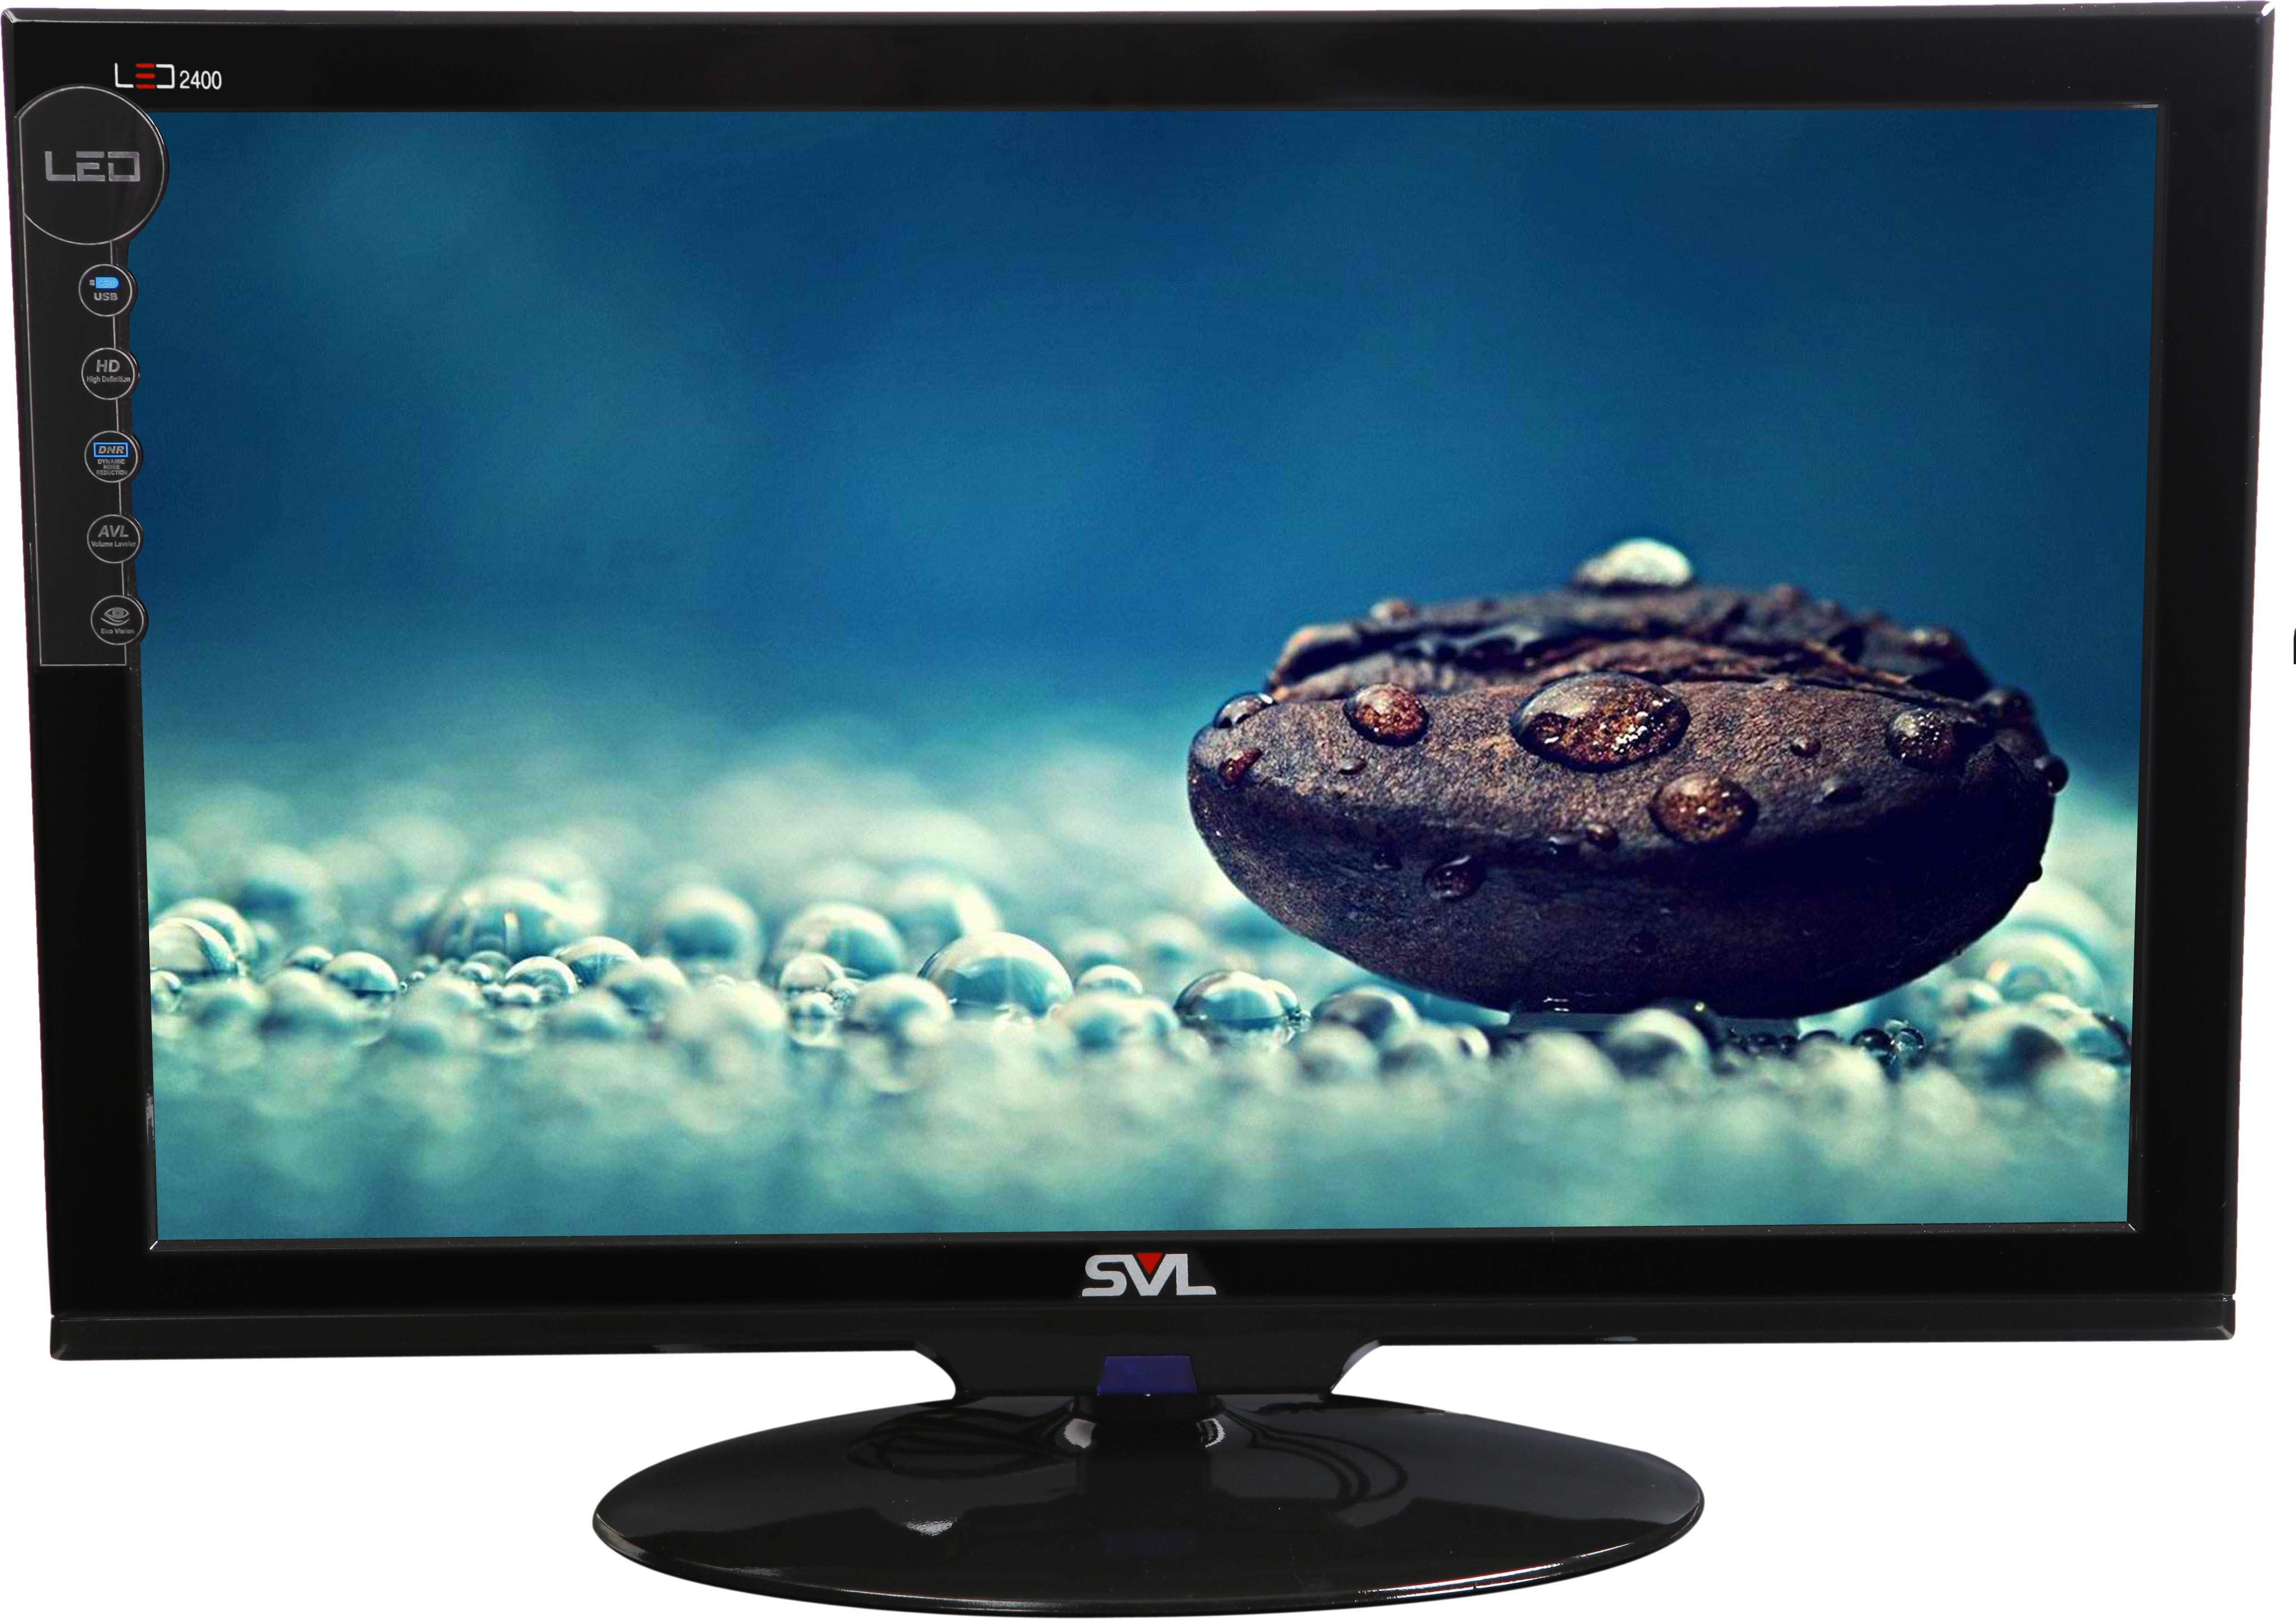 SVL 2400 24 Inches Full HD LED TV